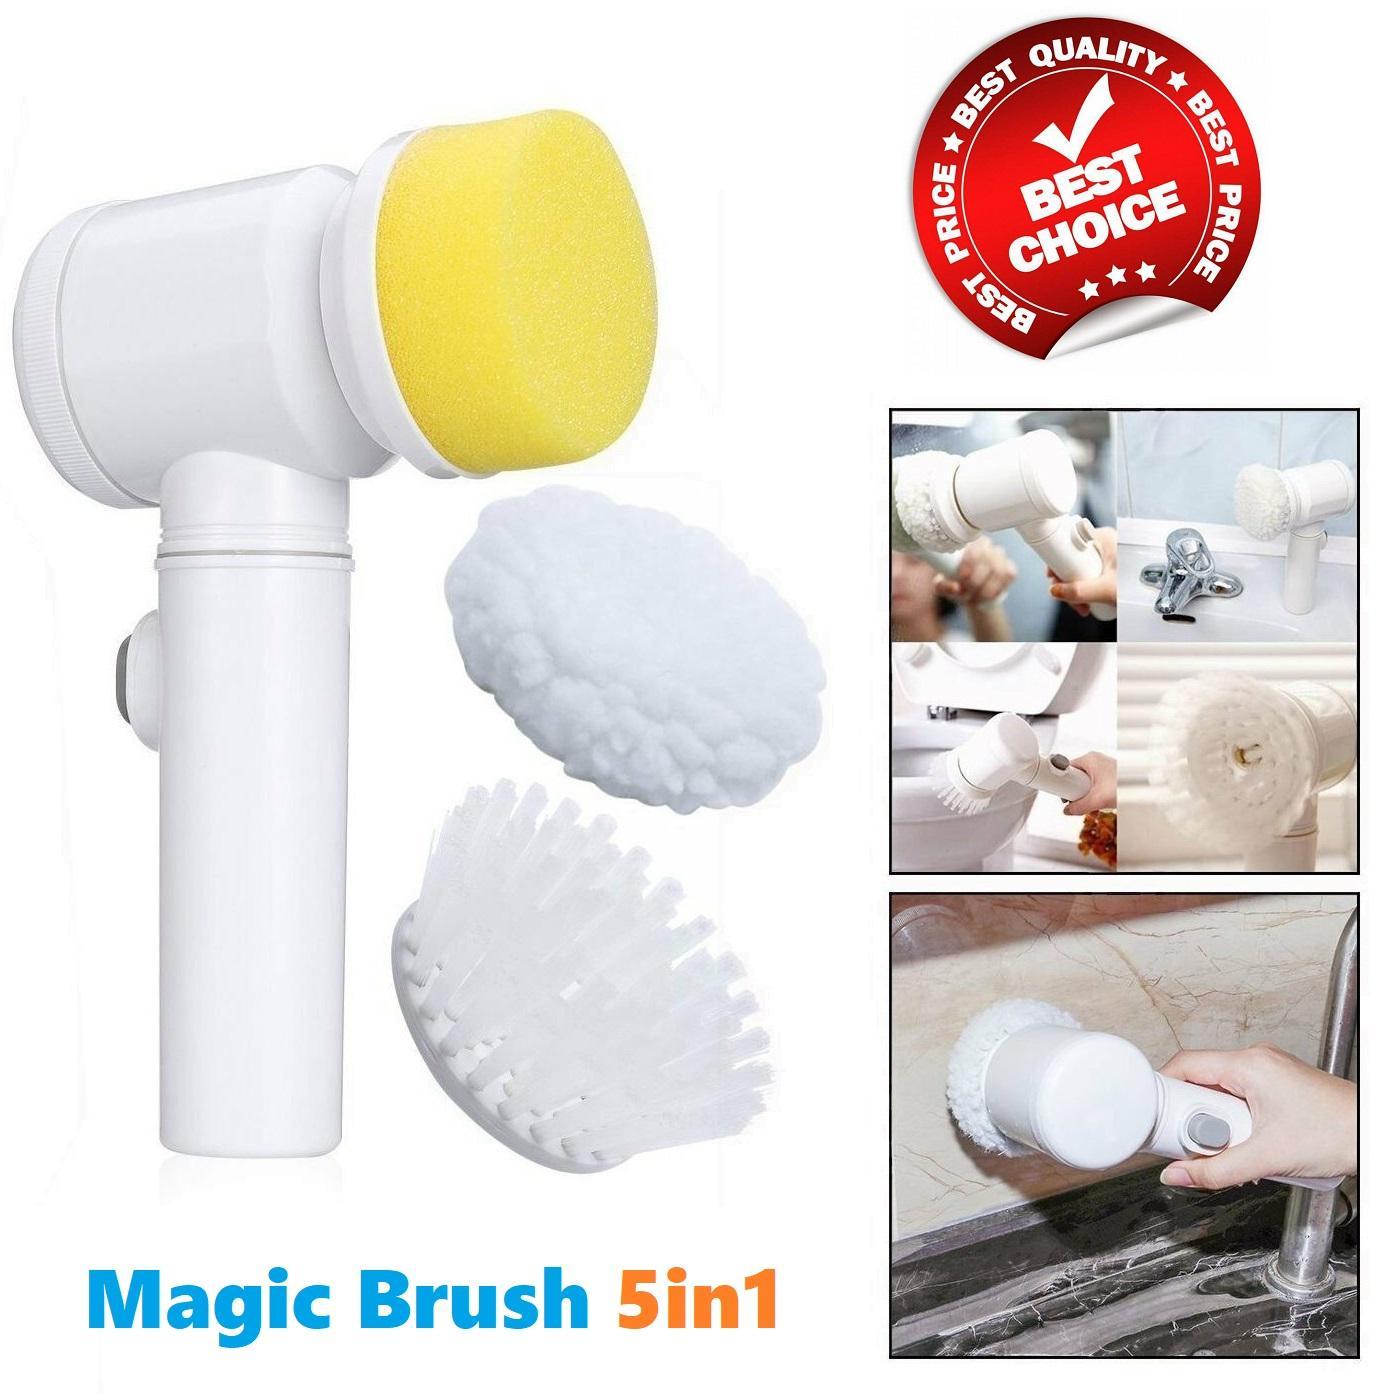 Máy đánh sạch vết bẩn 5 trong 1 cao cấp MAGIC BRUSH - Dụng cụ vệ sinh gia đình đa năng